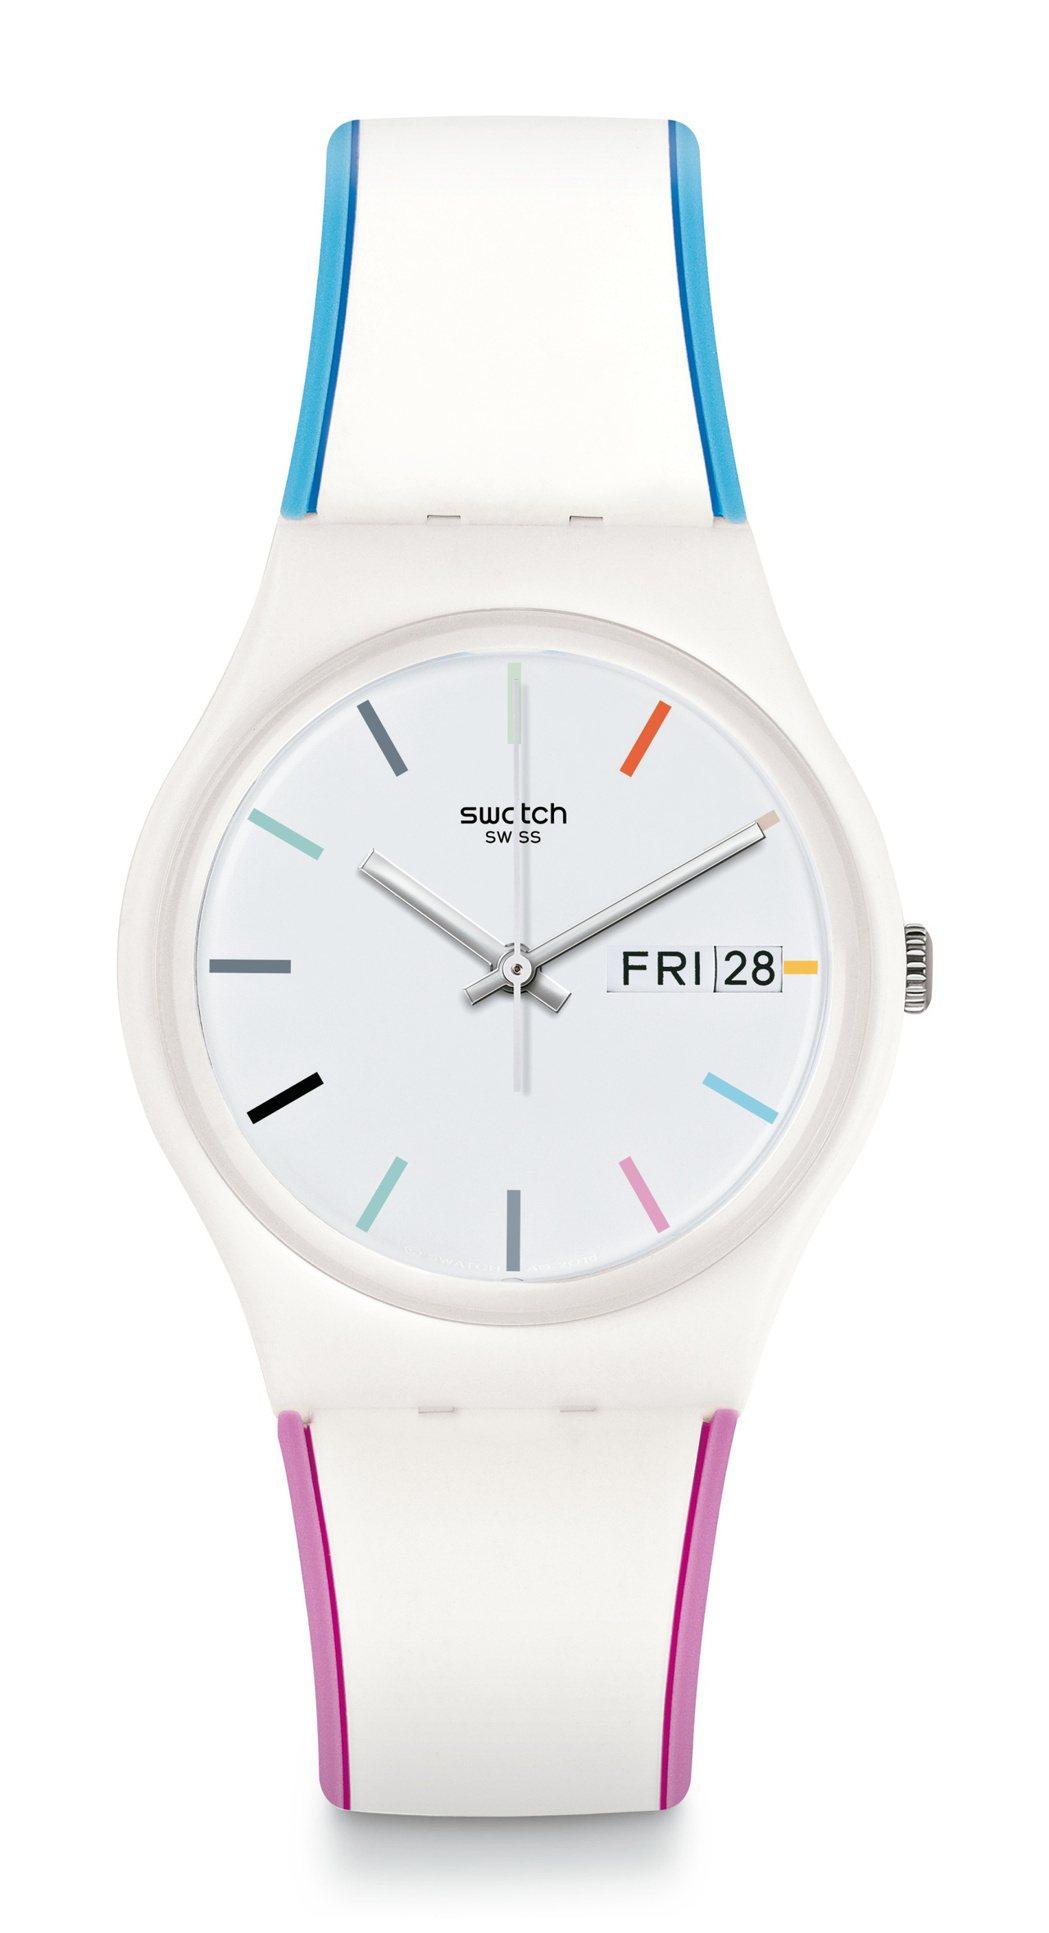 SWATCH夏日粉嫩腕表,白色表盤以明亮色塊鑲邊展開,3點鐘位置帶有日期視窗,約...